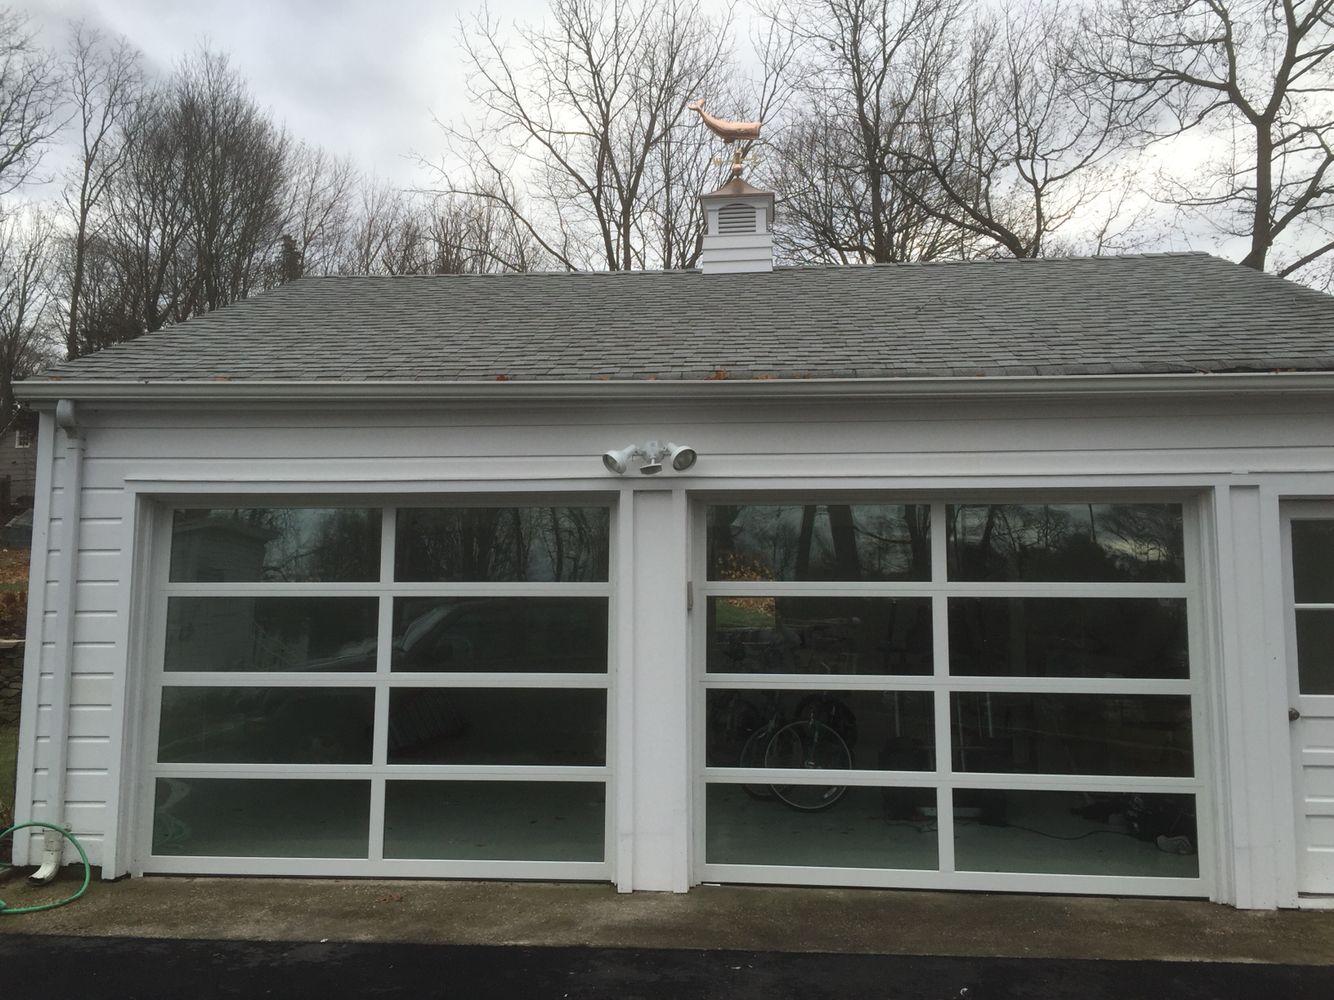 Wayne Dalton 8x7 Glass Garage Doors Green Tint Garage Doors Garage Door Installation Glass Garage Door